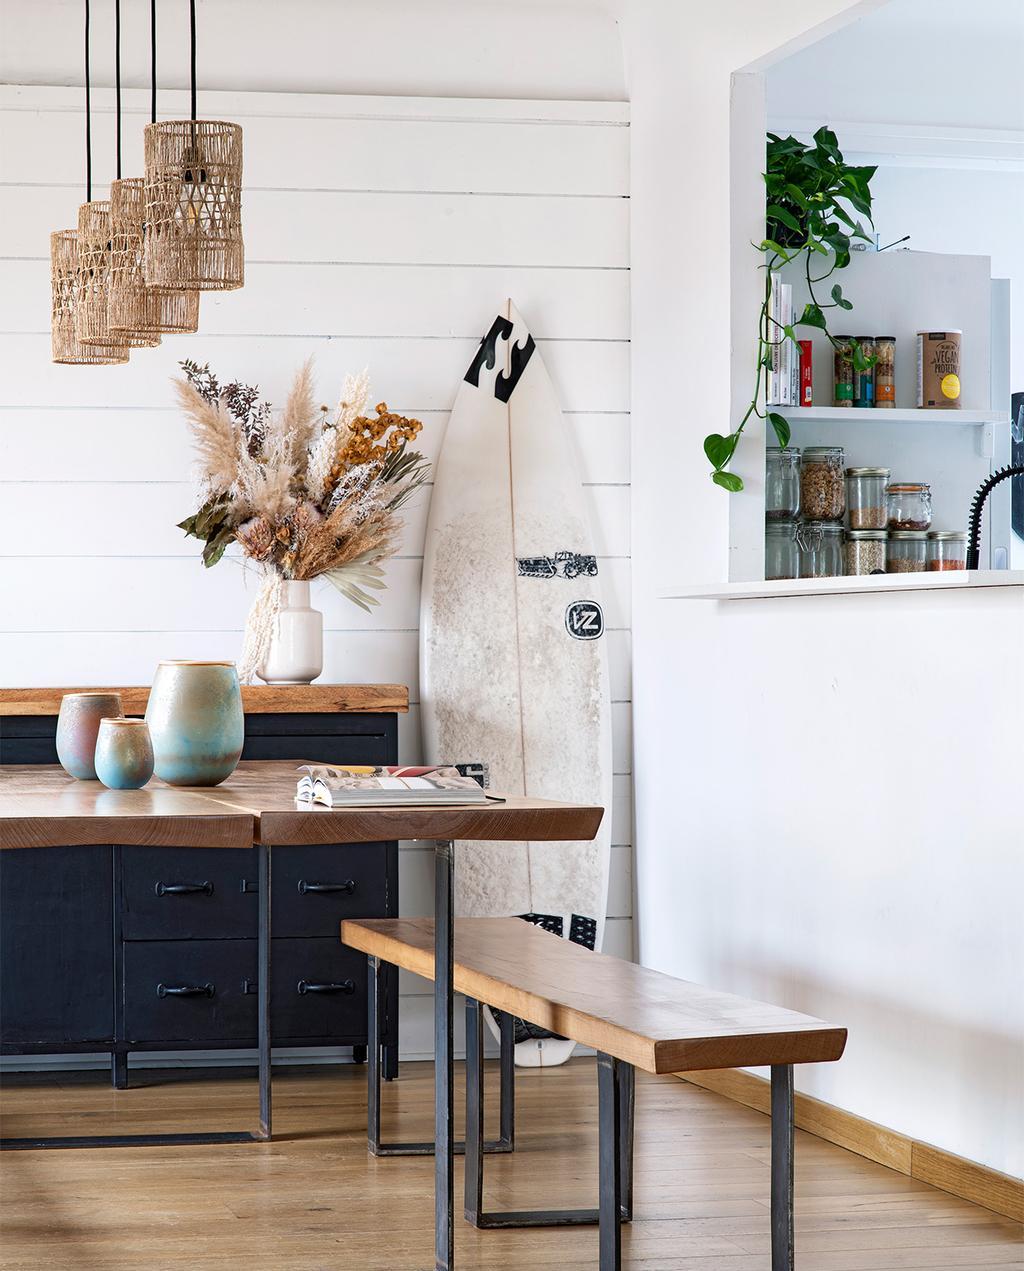 vtwonen binnenkijk special 07-2021   eettafel in huis met het surfplank